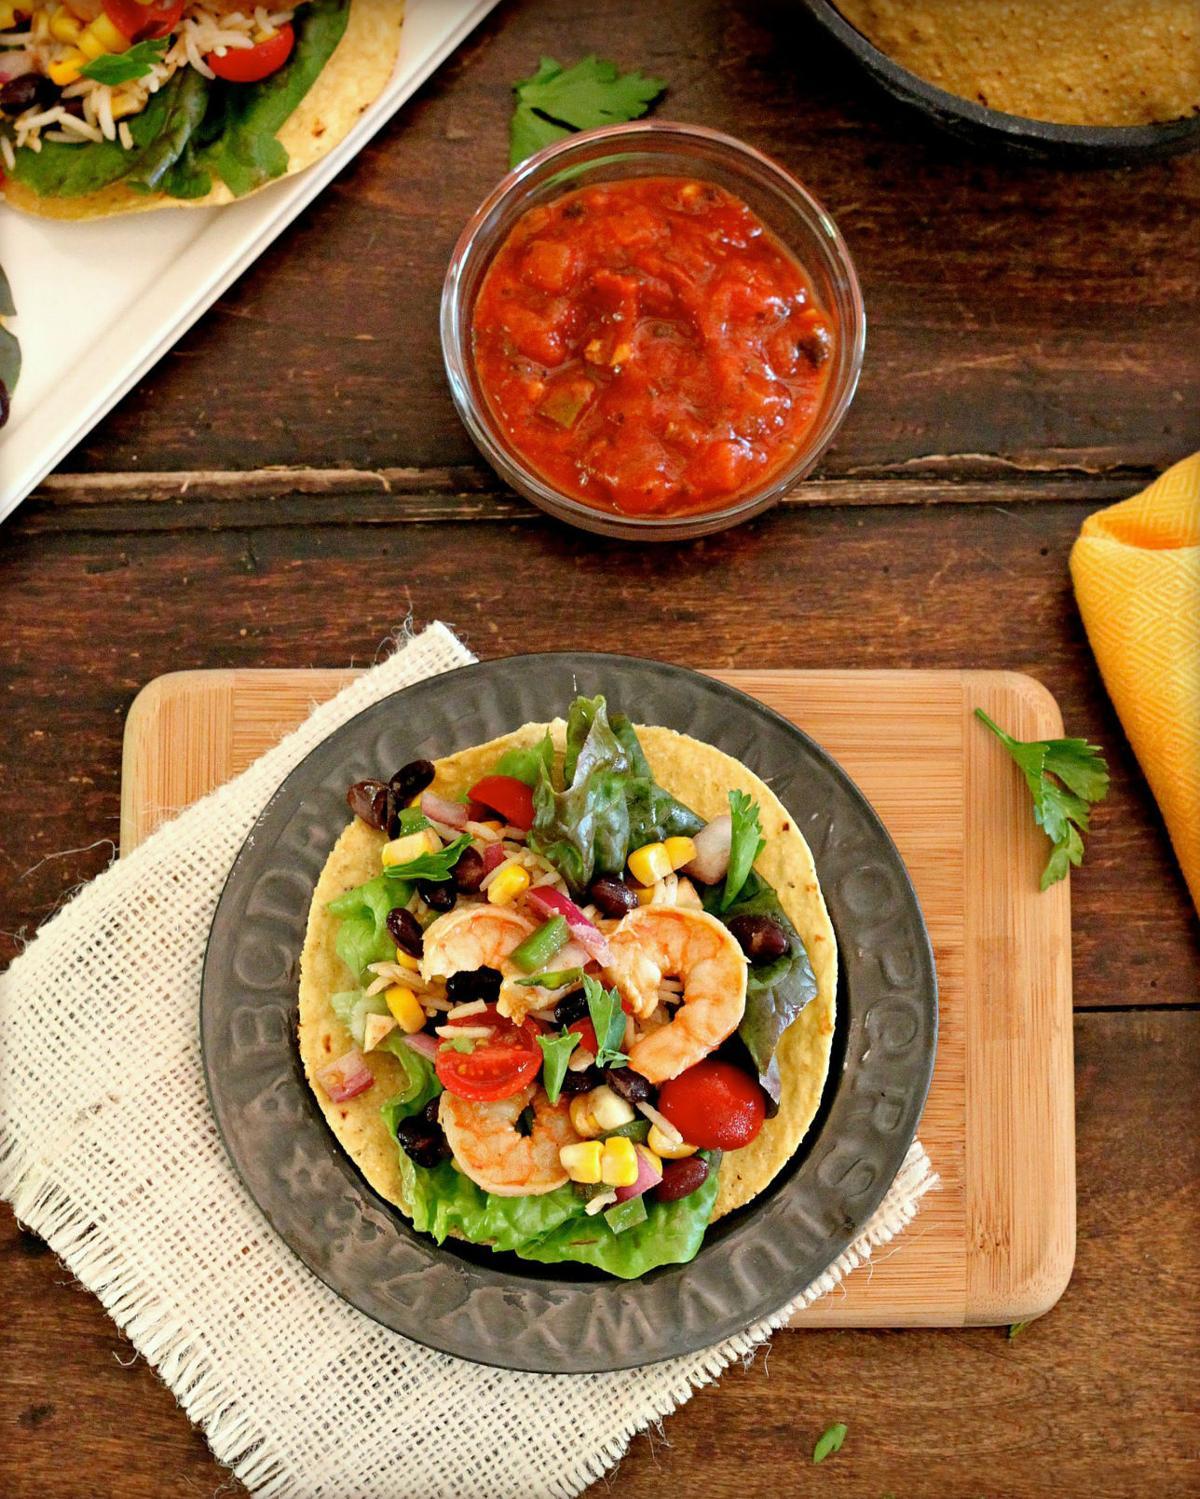 Shrimp Tostadas With Black Bean-Corn Salsa and Spiced Rice